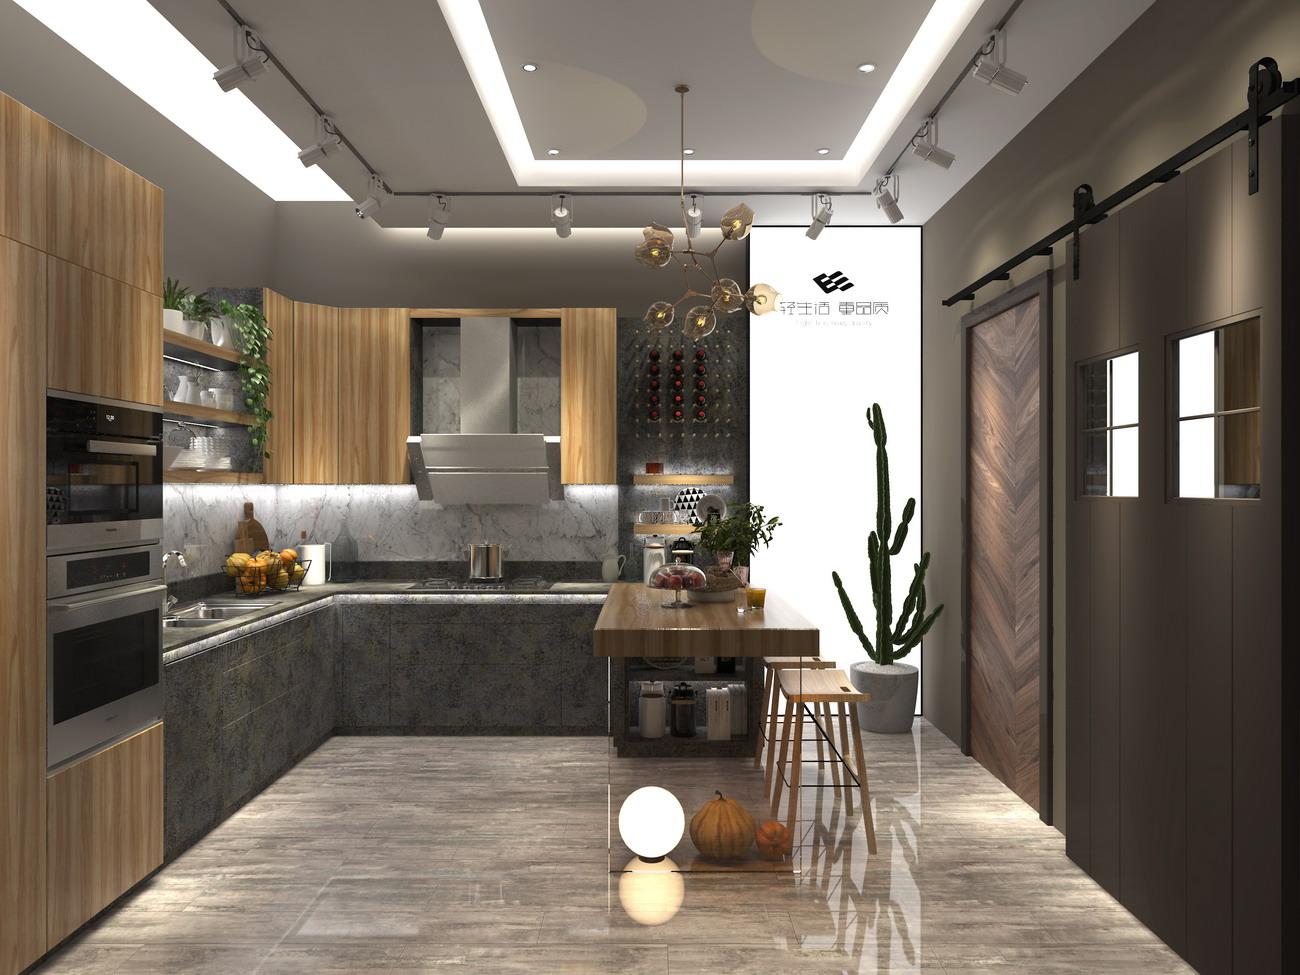 卡娜迪木门抓买点设计-高端木门店专卖店设计-橱柜设计-整木定制店面方案-高端店面设计-